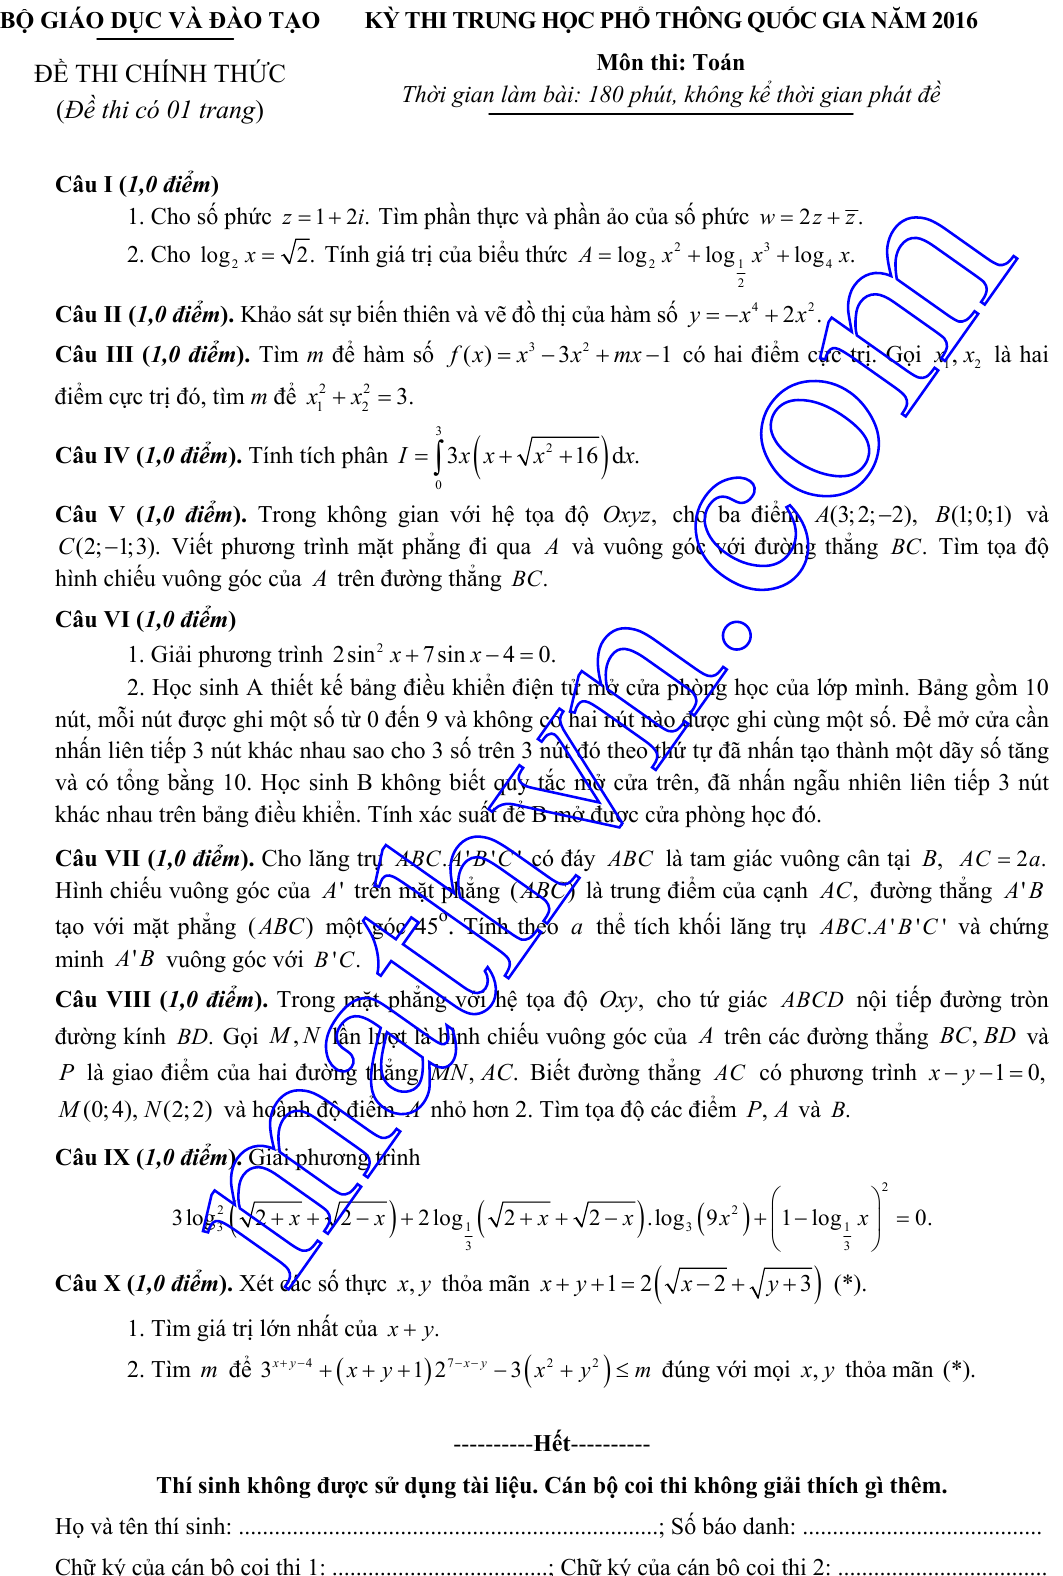 đề thi môn toán thpt quốc gia 2016